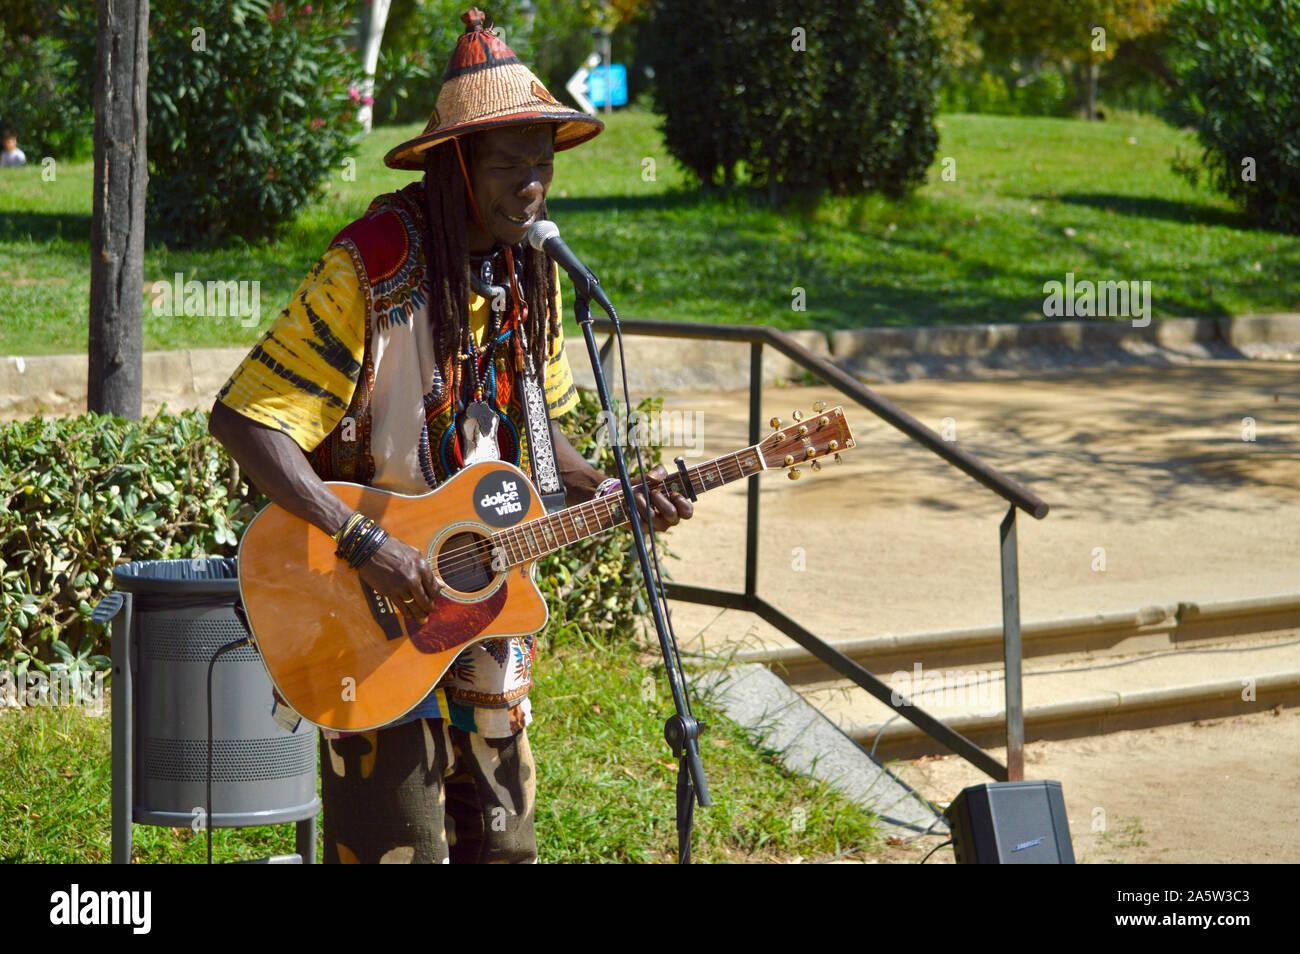 Un musicien ambulant jouant de la guitare dans le parc de la Citadelle au cours de la Merce 2019 à Barcelone, Espagne Banque D'Images